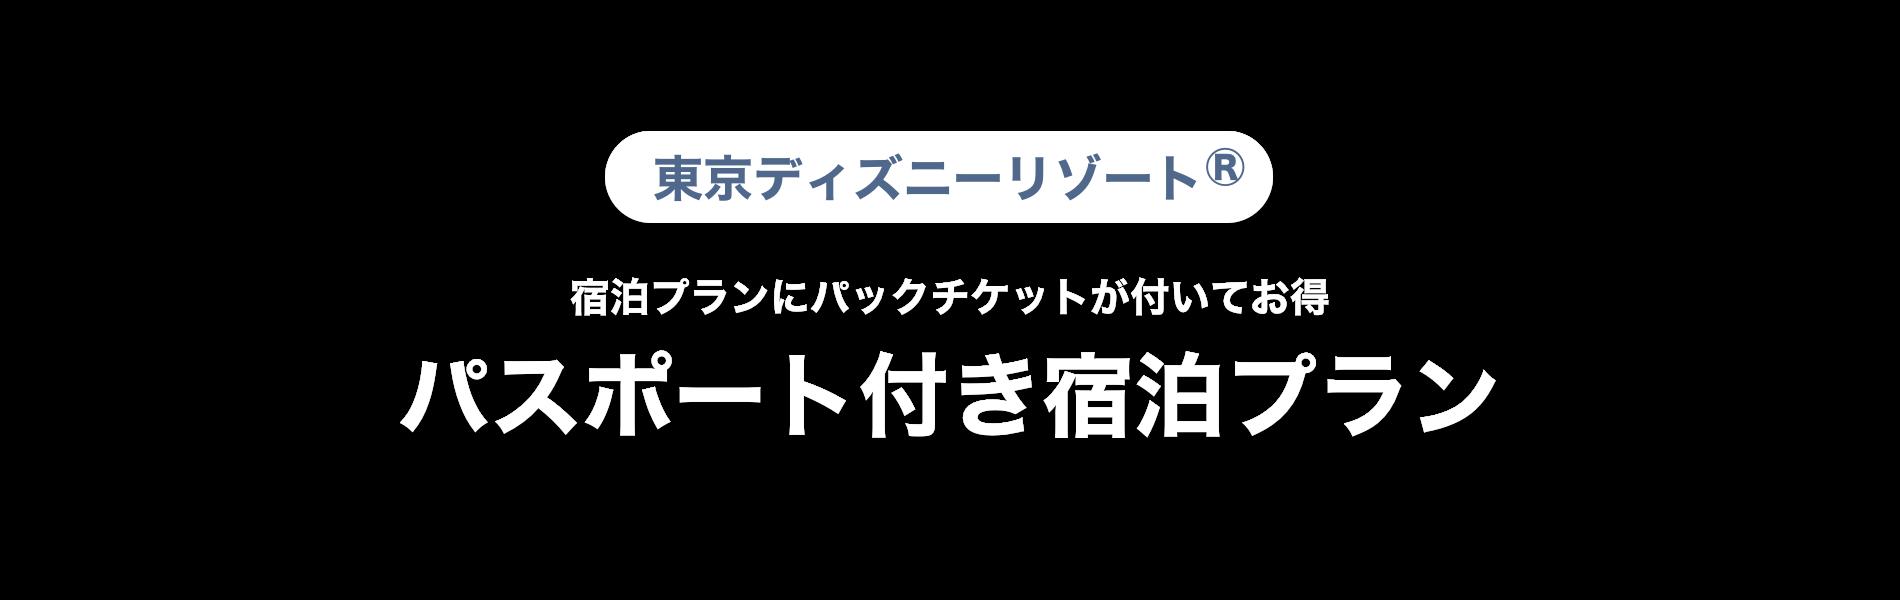 東京ディズニーリゾート(R)特集 パスポート付き宿泊プラン